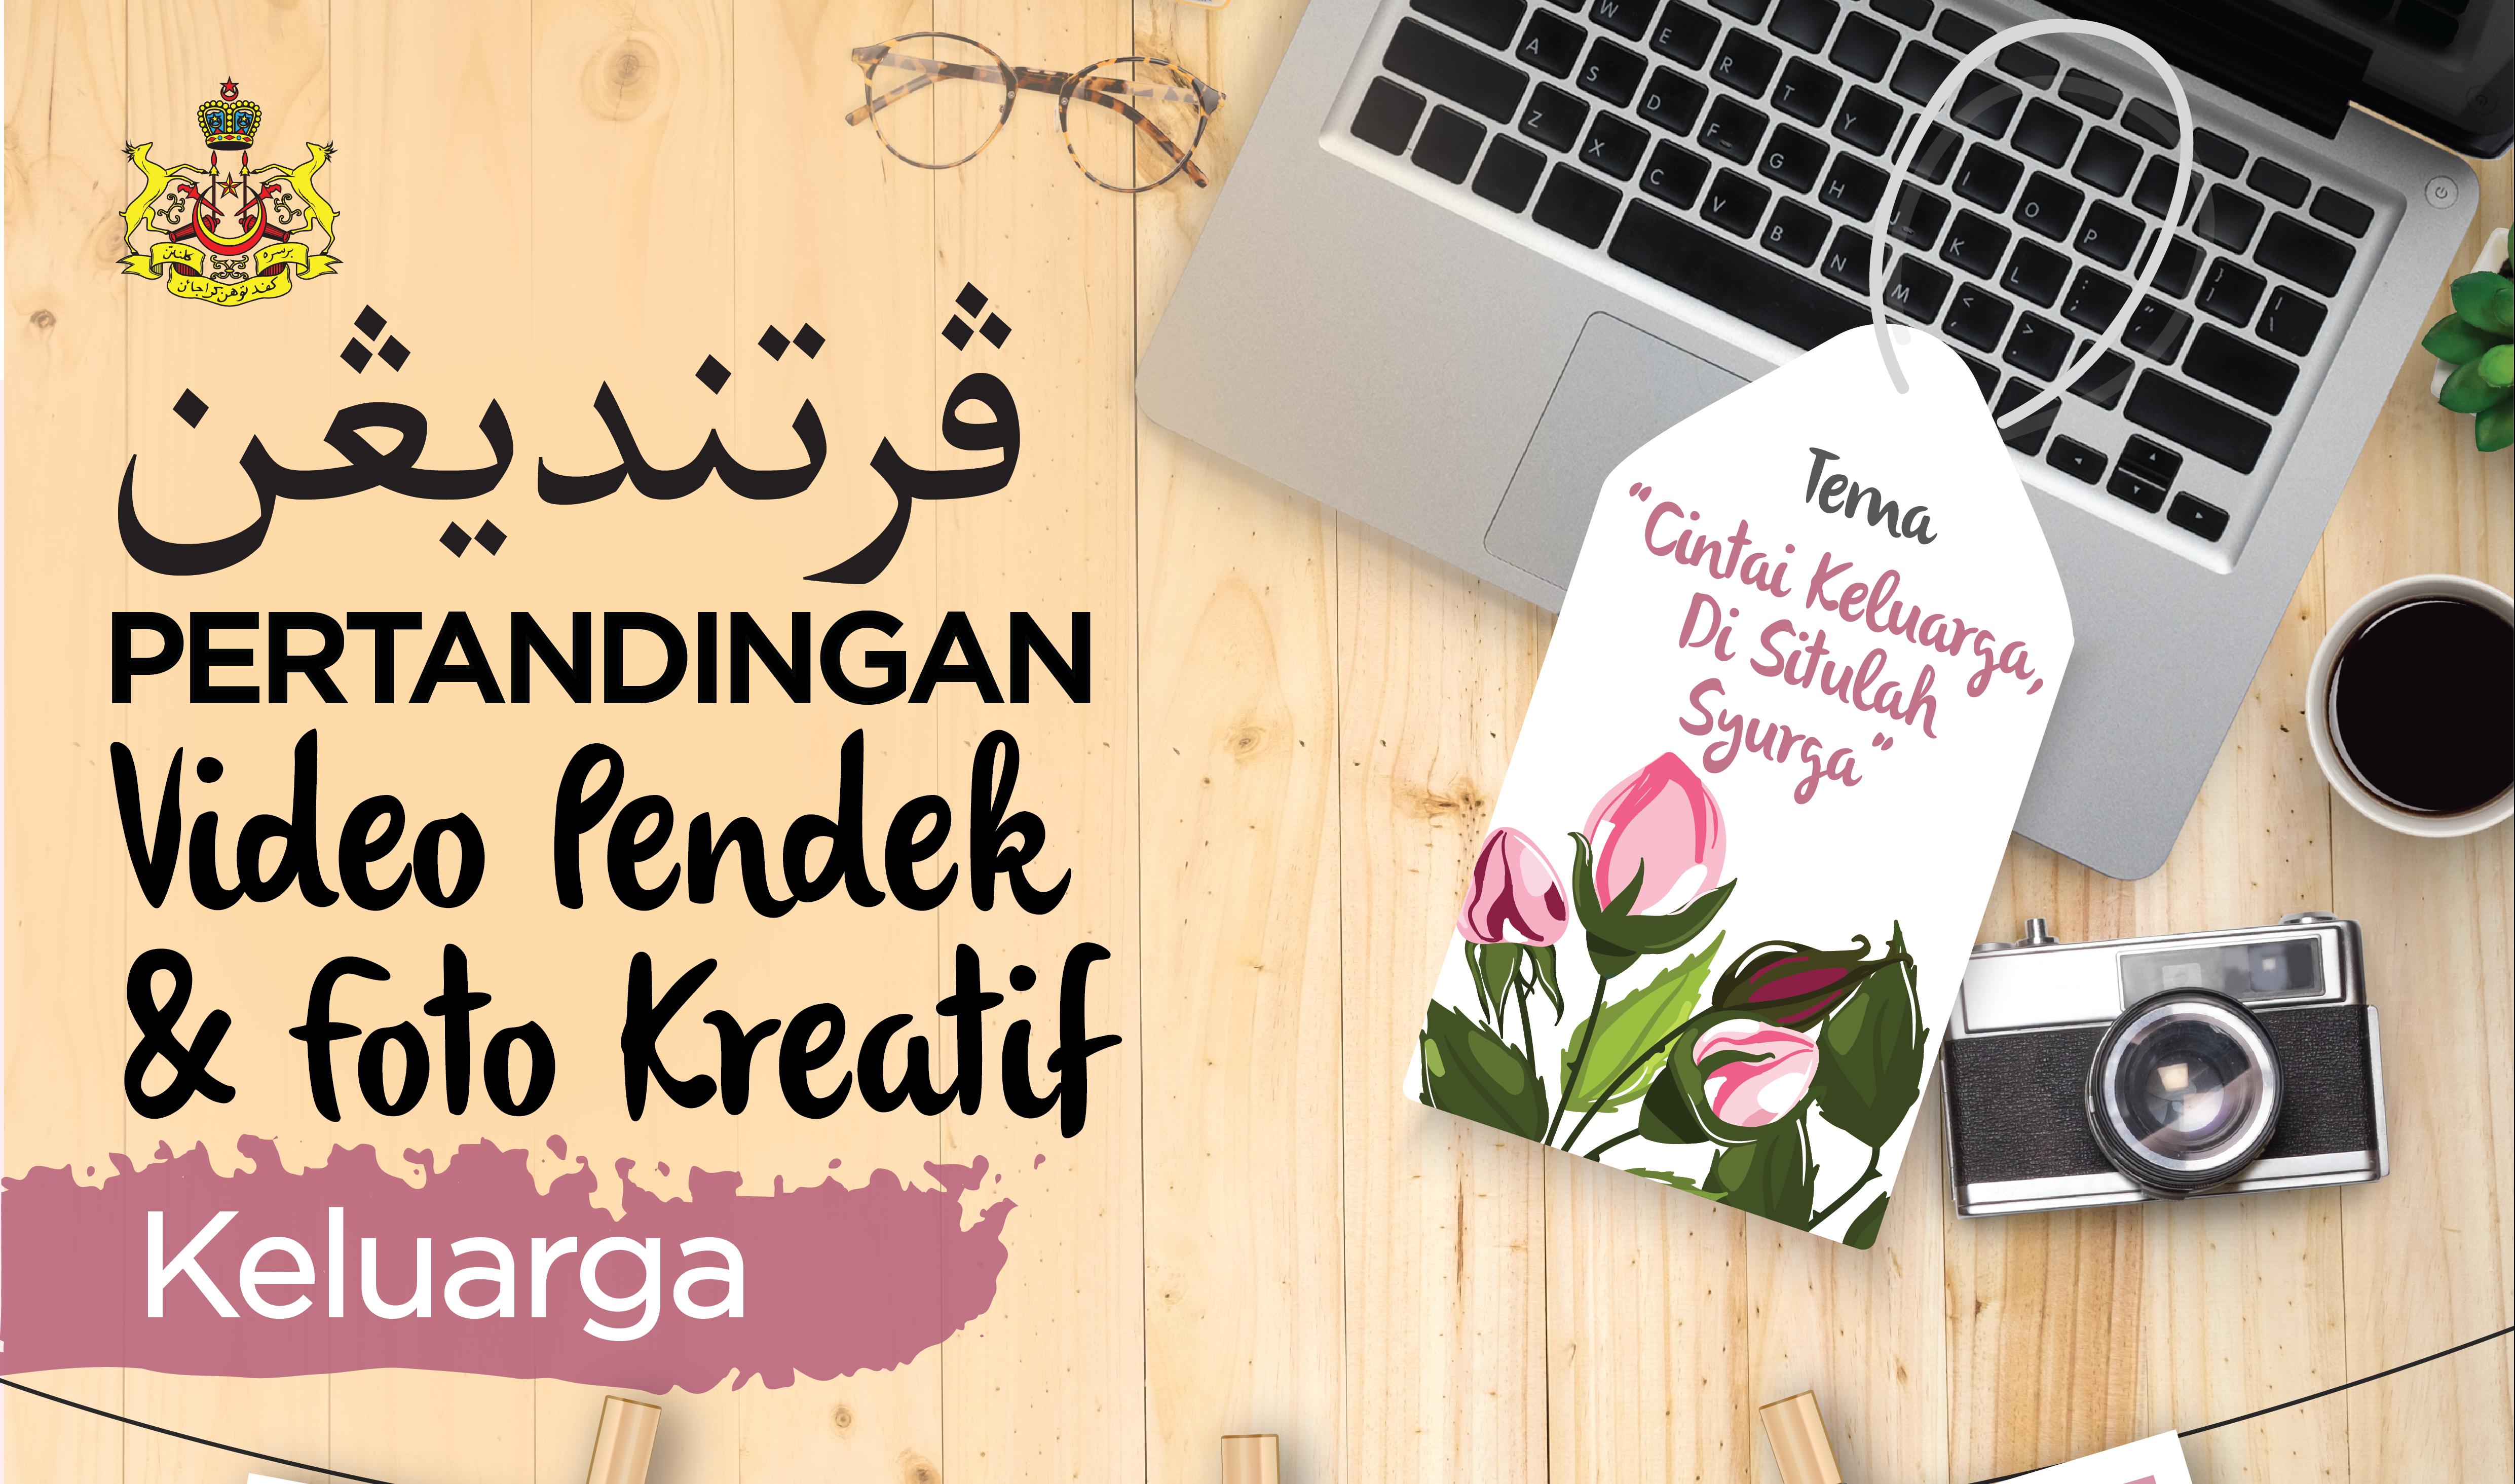 Pertandingan Video Pendek & Foto Kreatif